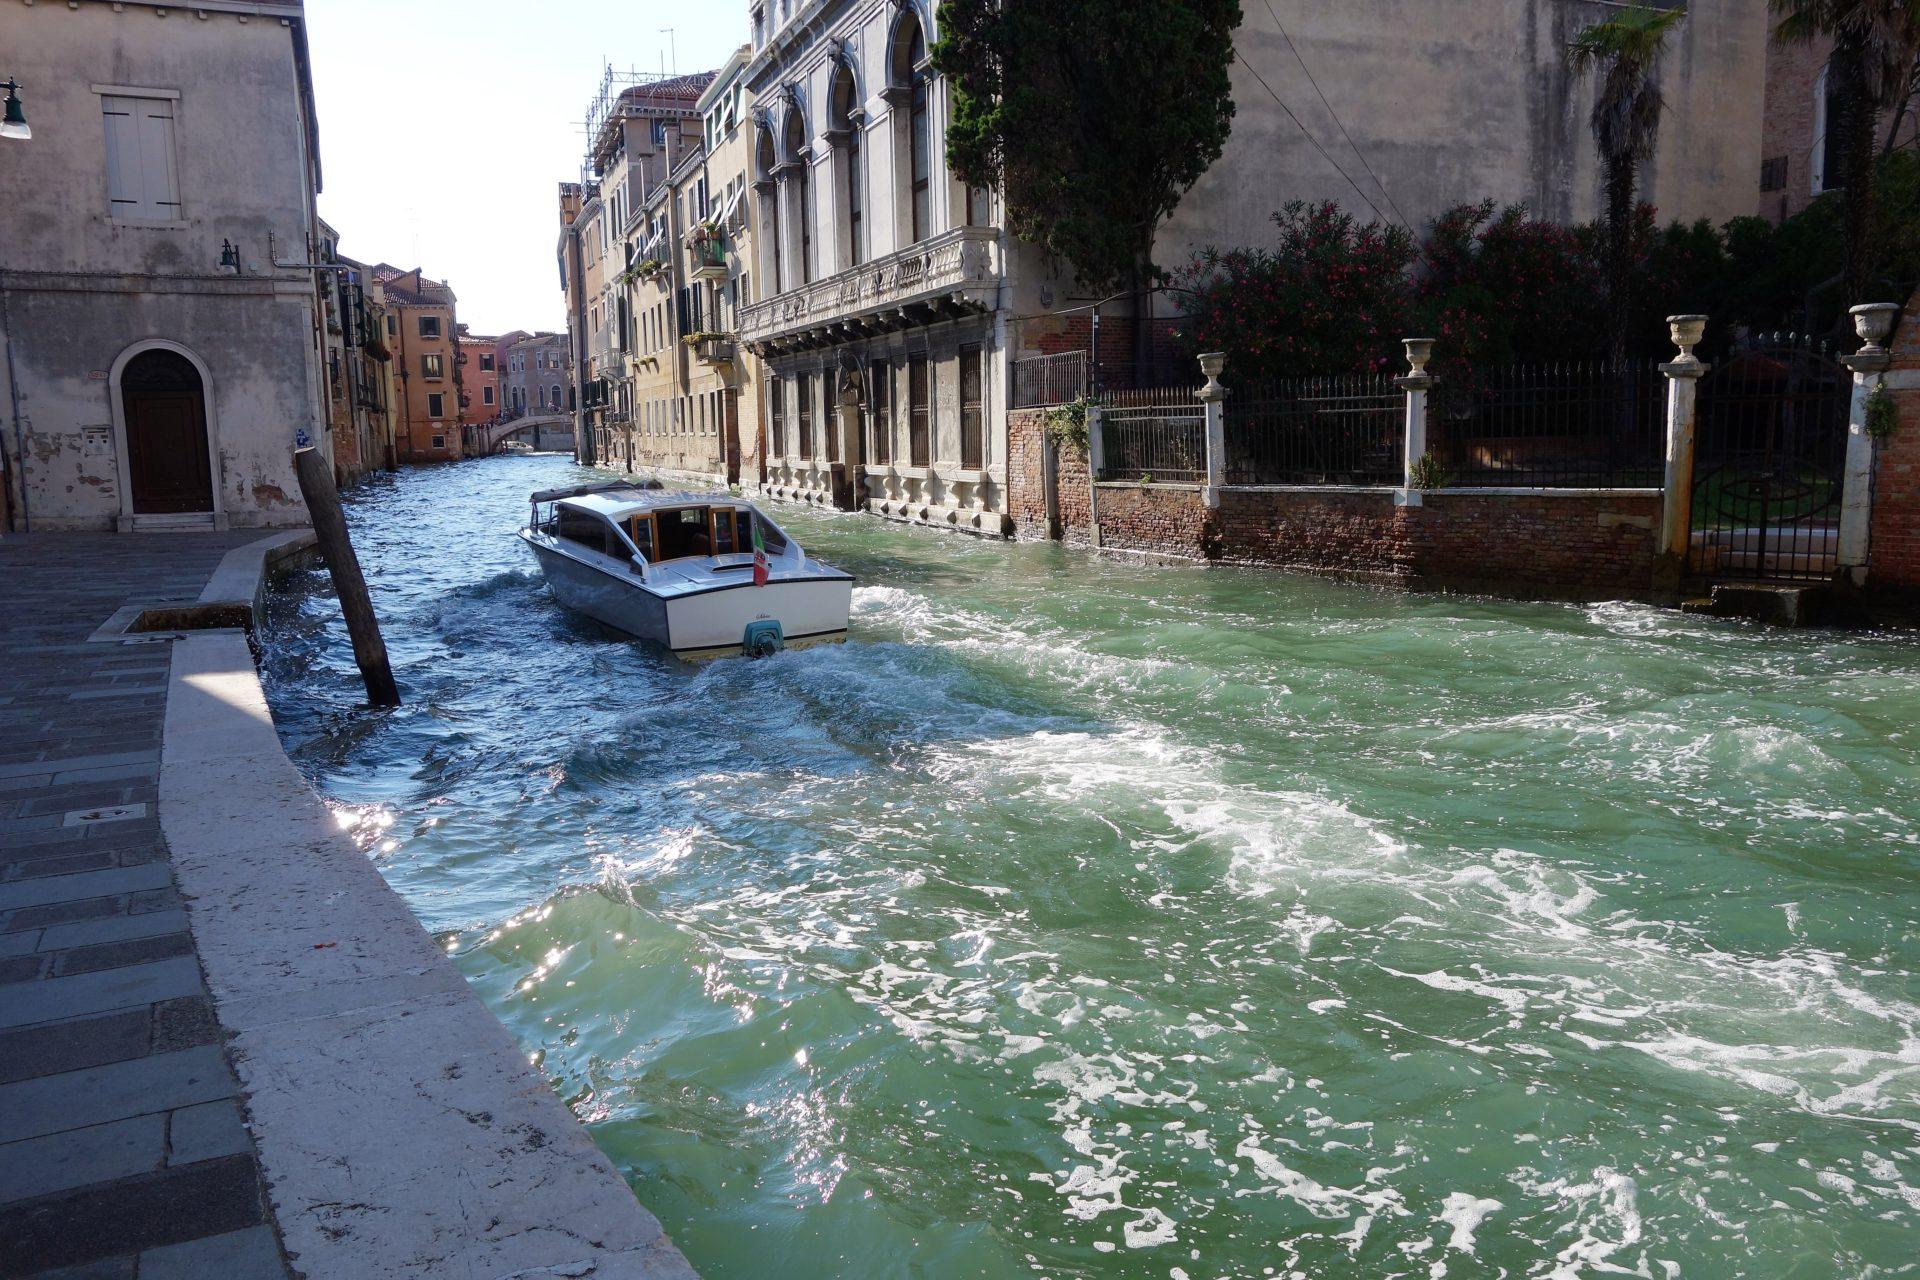 Bewegtes Wasser im Kanal